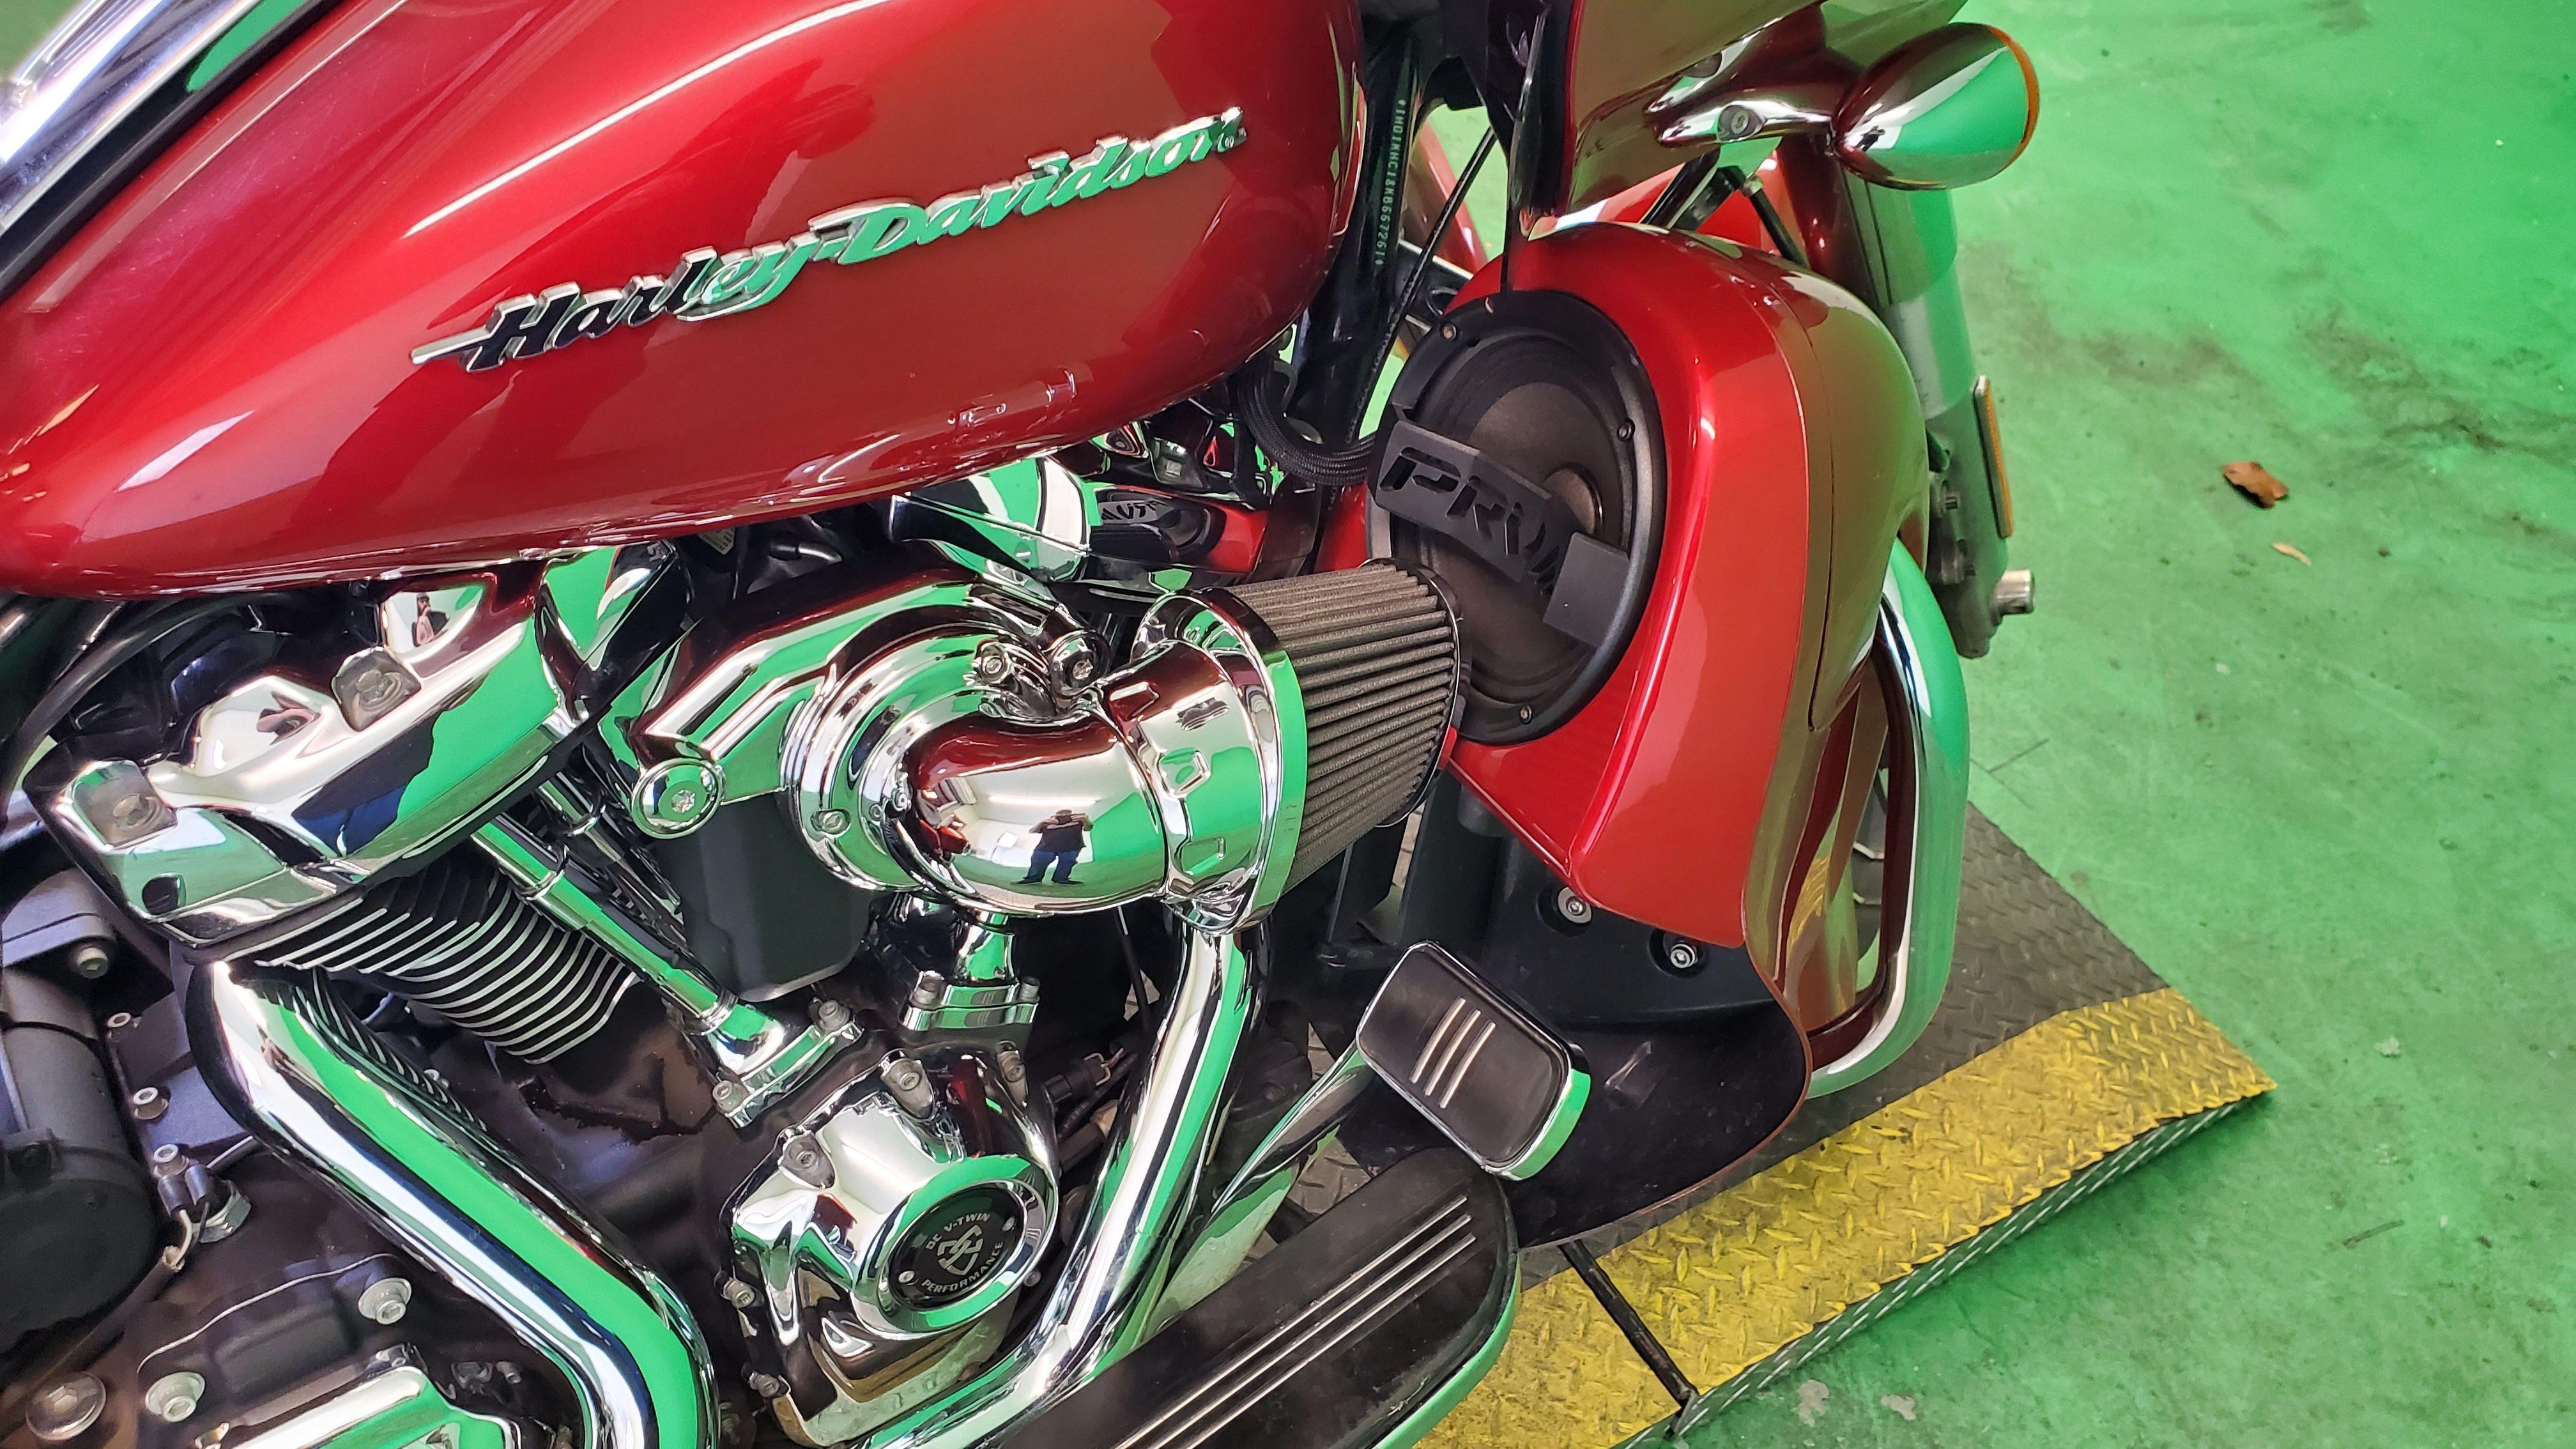 Pre-Owned 2019 Harley-Davidson Road Glide FLTRX